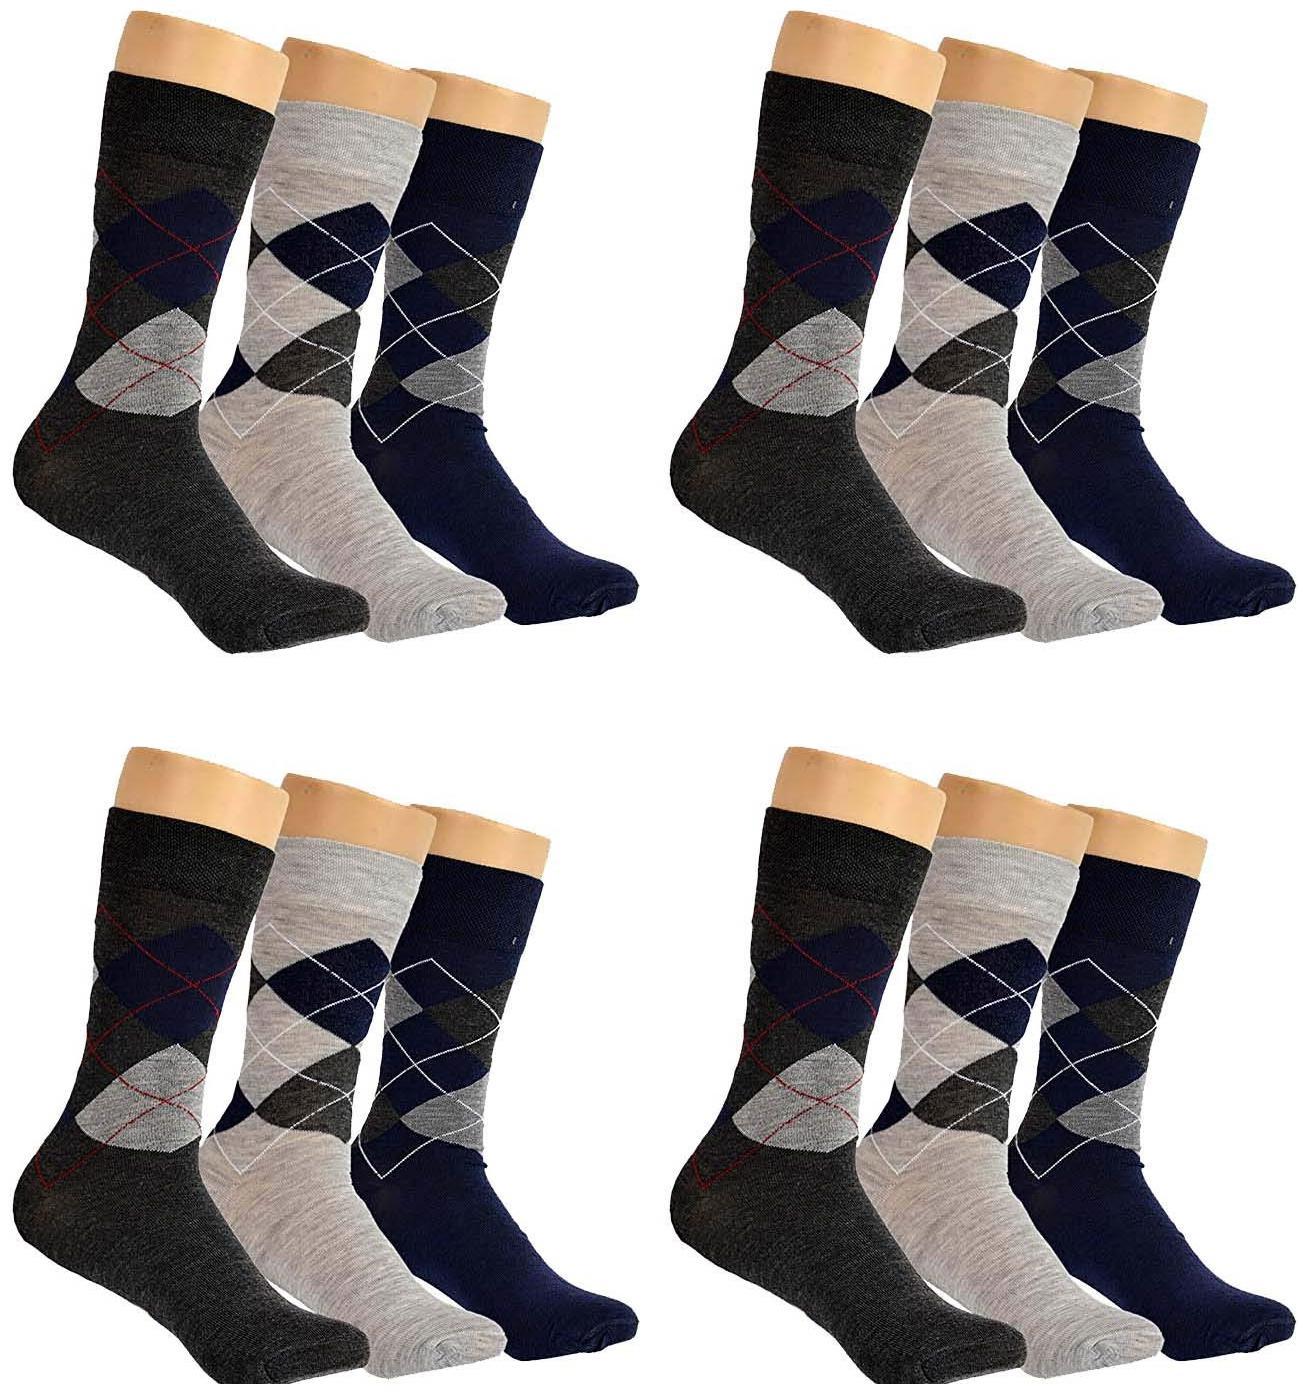 PINKIT Cotton Crew Length Socks For Men